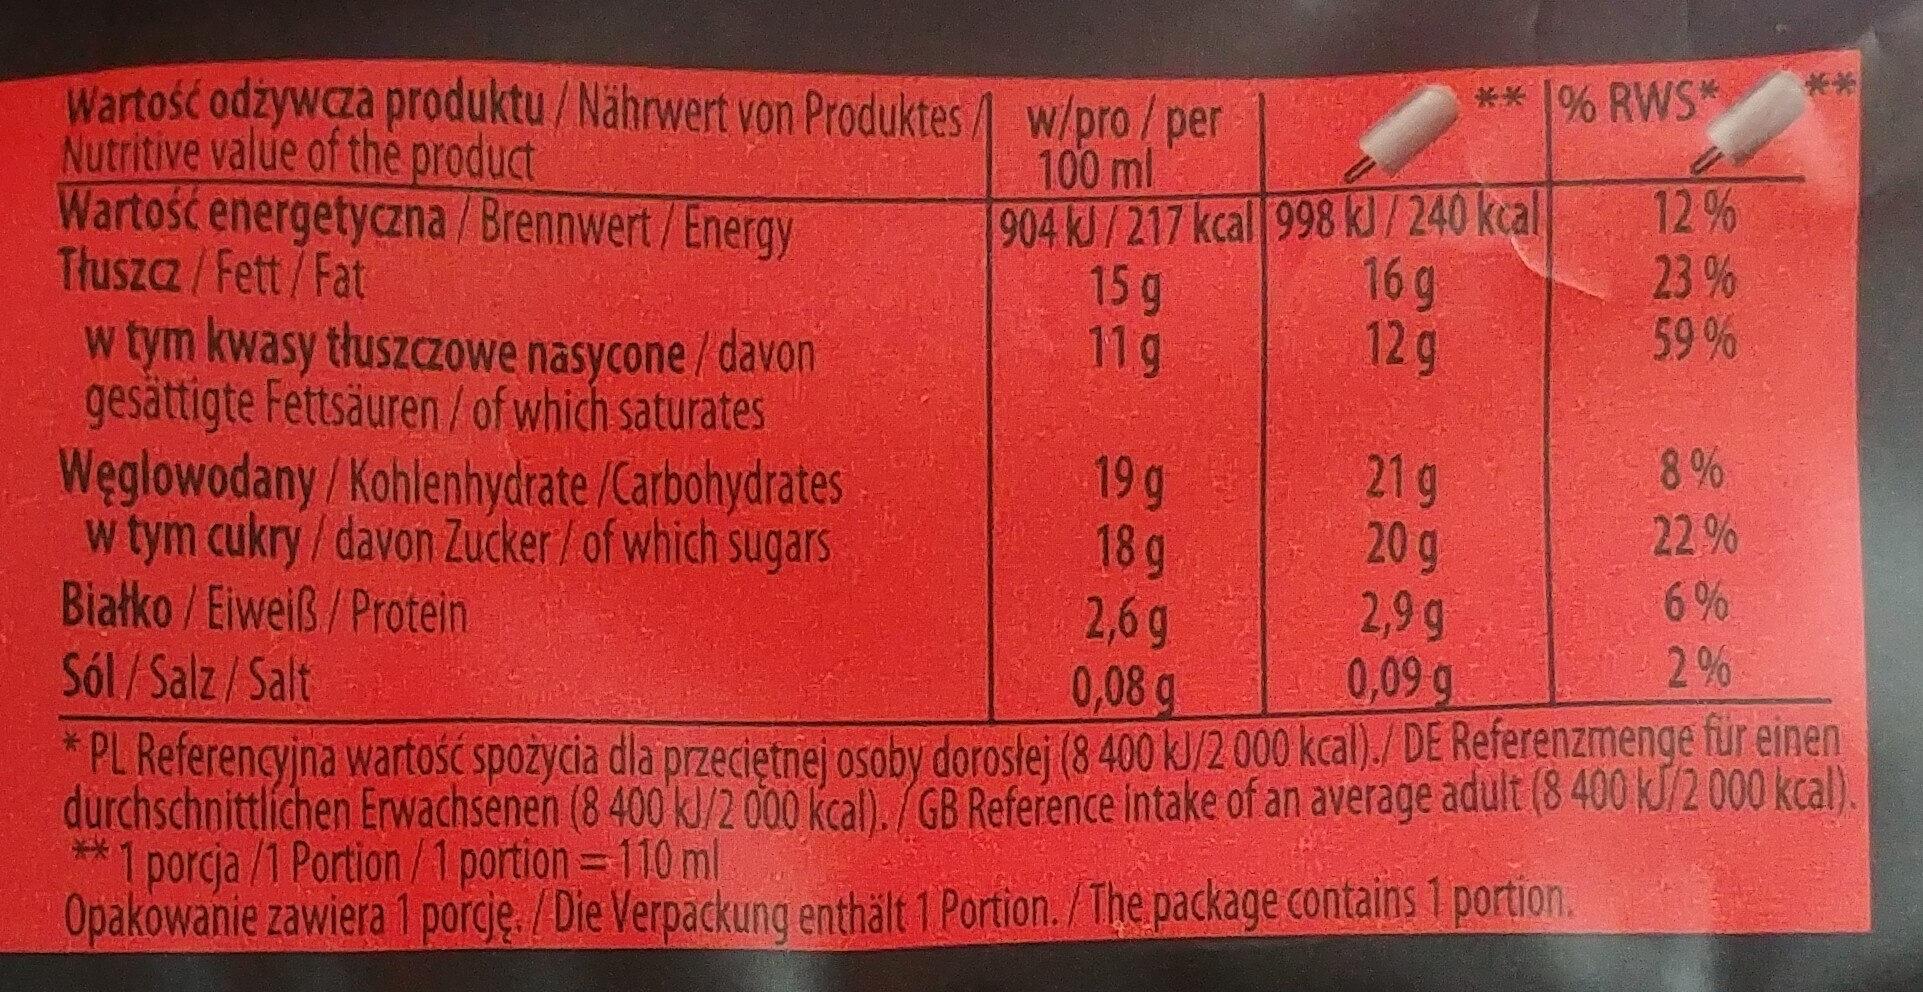 Lody waniliowe w czekoladzie mlecznej (30%) - Wartości odżywcze - pl